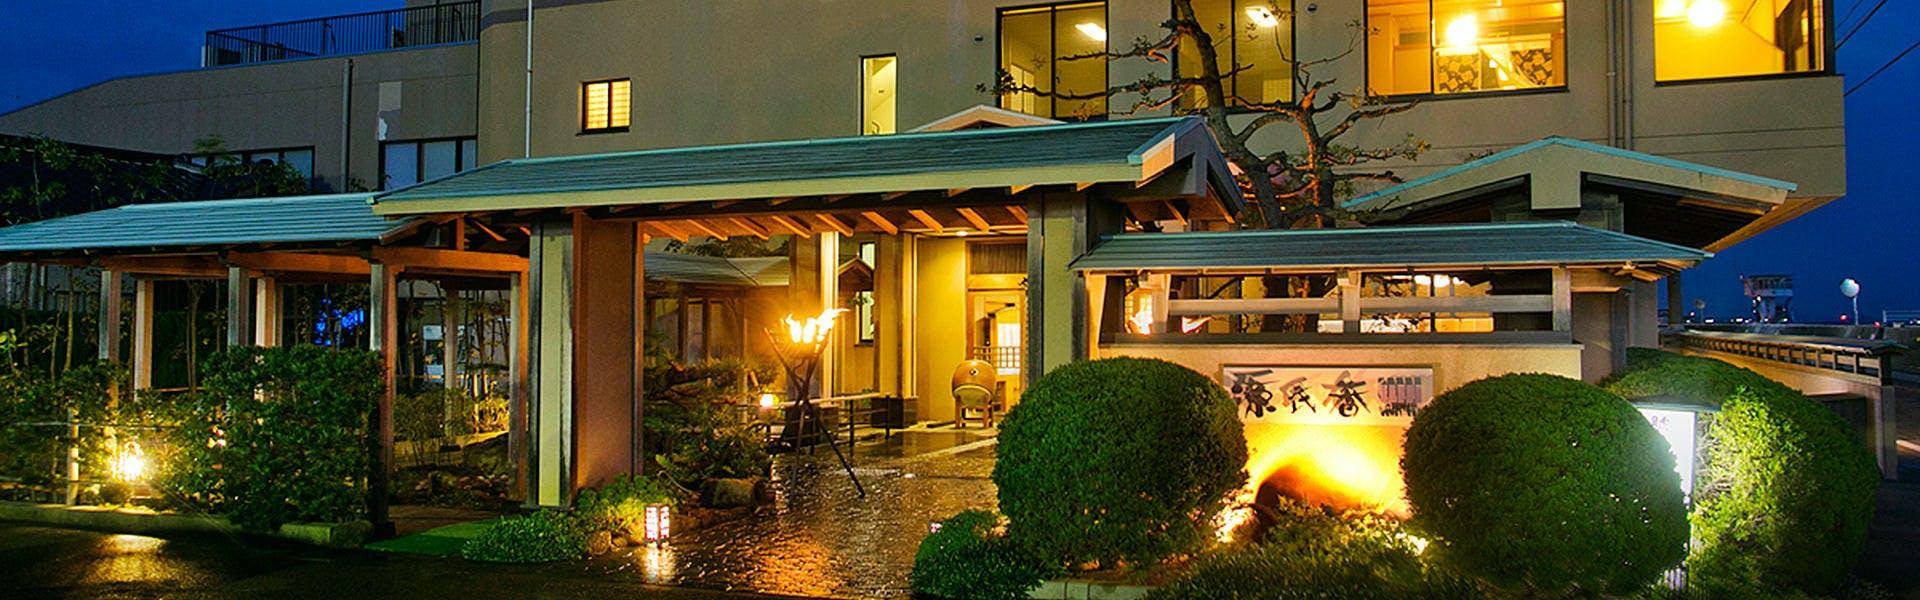 記念日におすすめのホテル・【南知多温泉郷 源氏香】の写真1